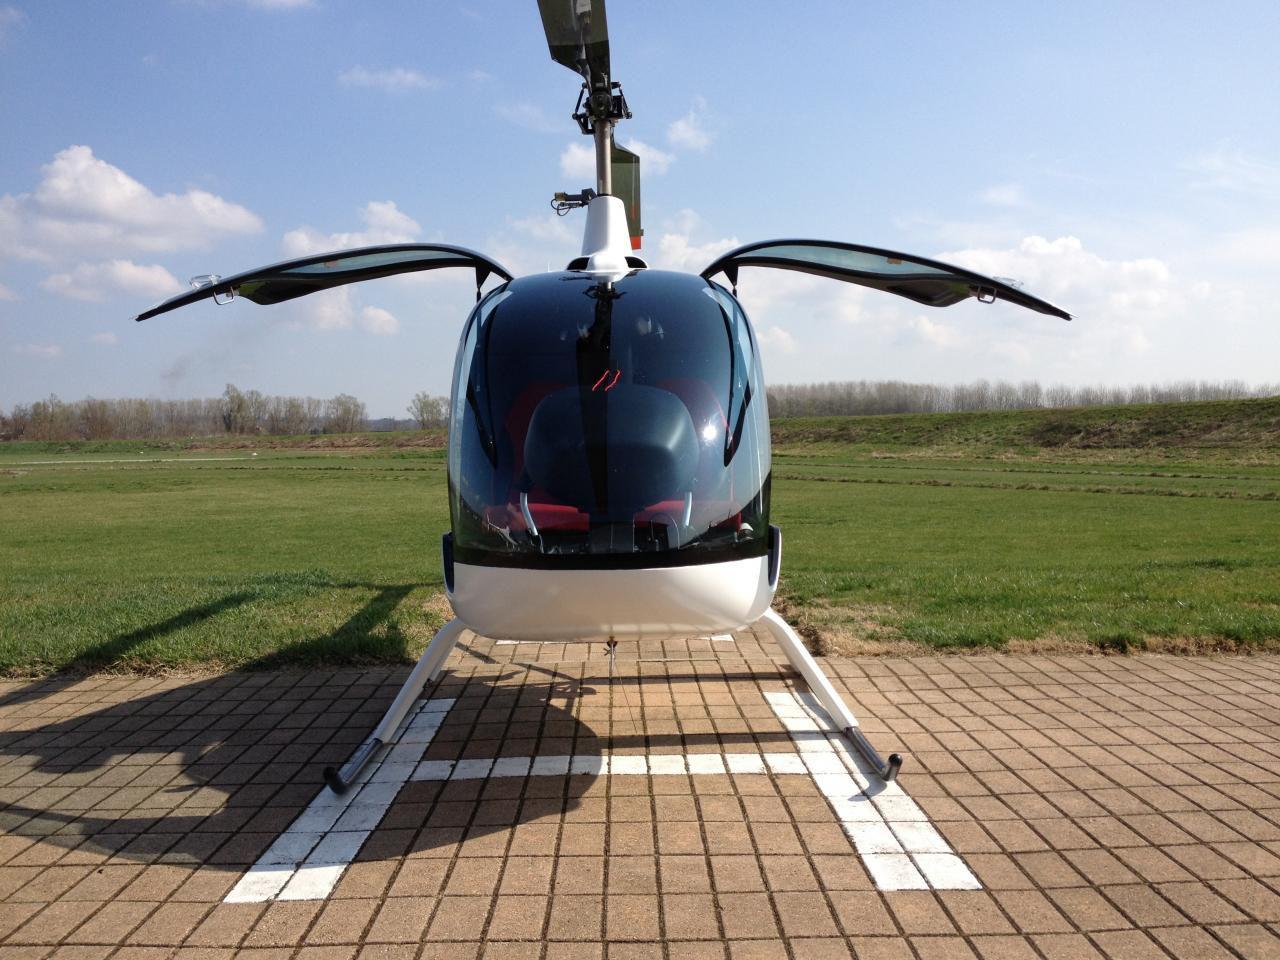 Elicottero Ch : Elicottero ultraleggero multifunzione a due posti con motore a